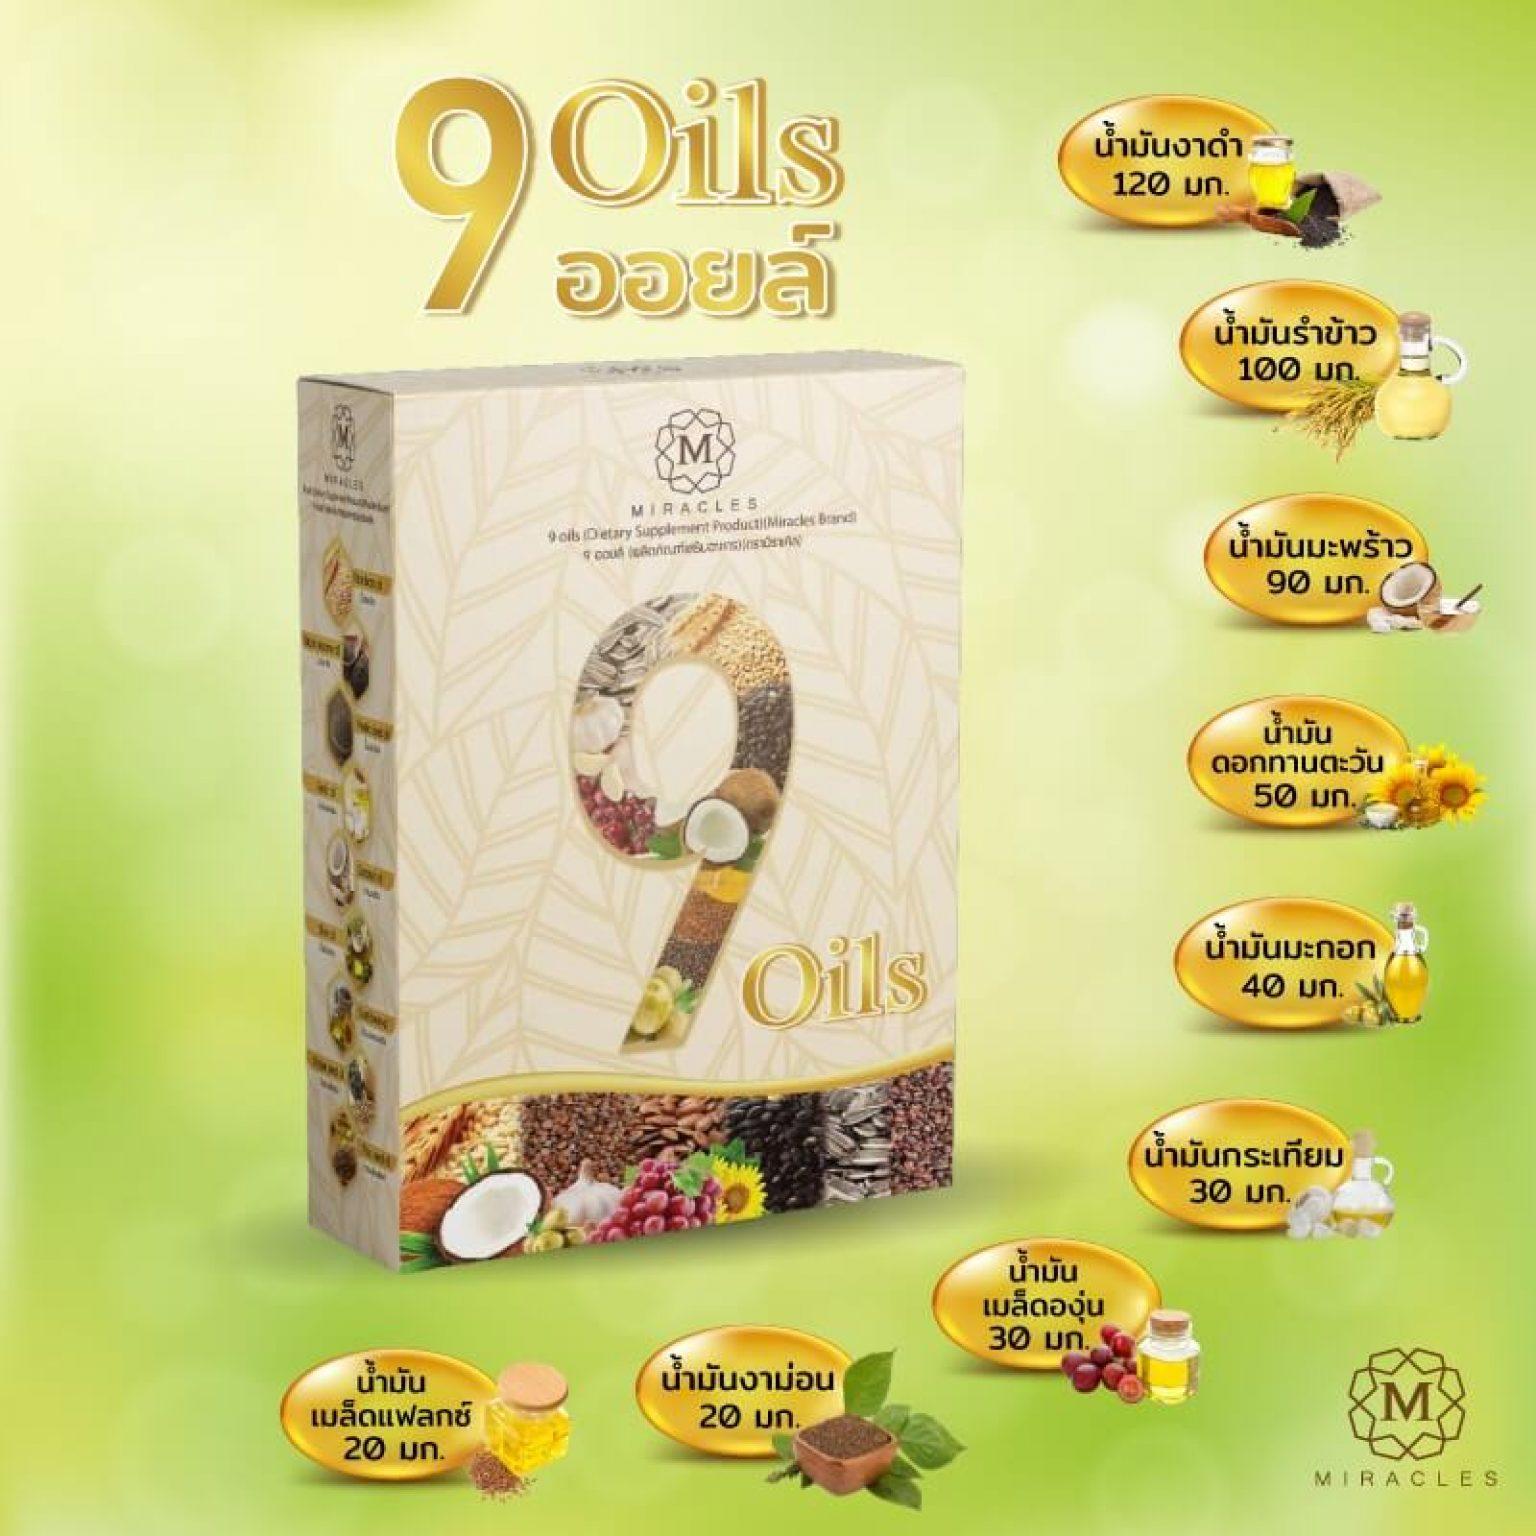 อาหารเสริมบํารุงกระดูก-ผู้สูงอายุ-9-oils